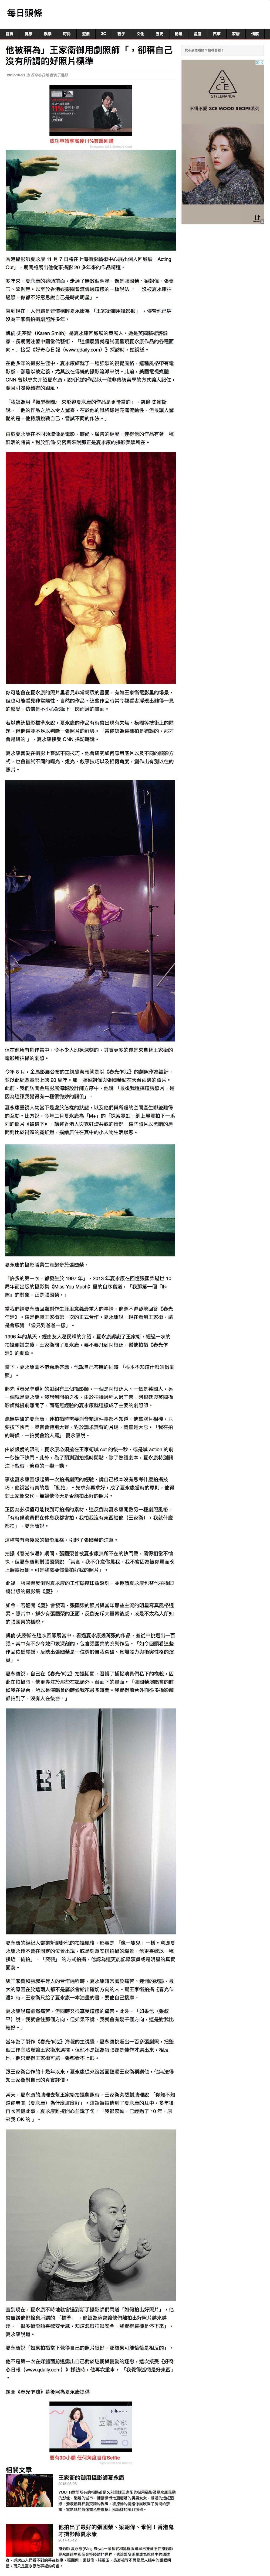 KK News cc.jpg